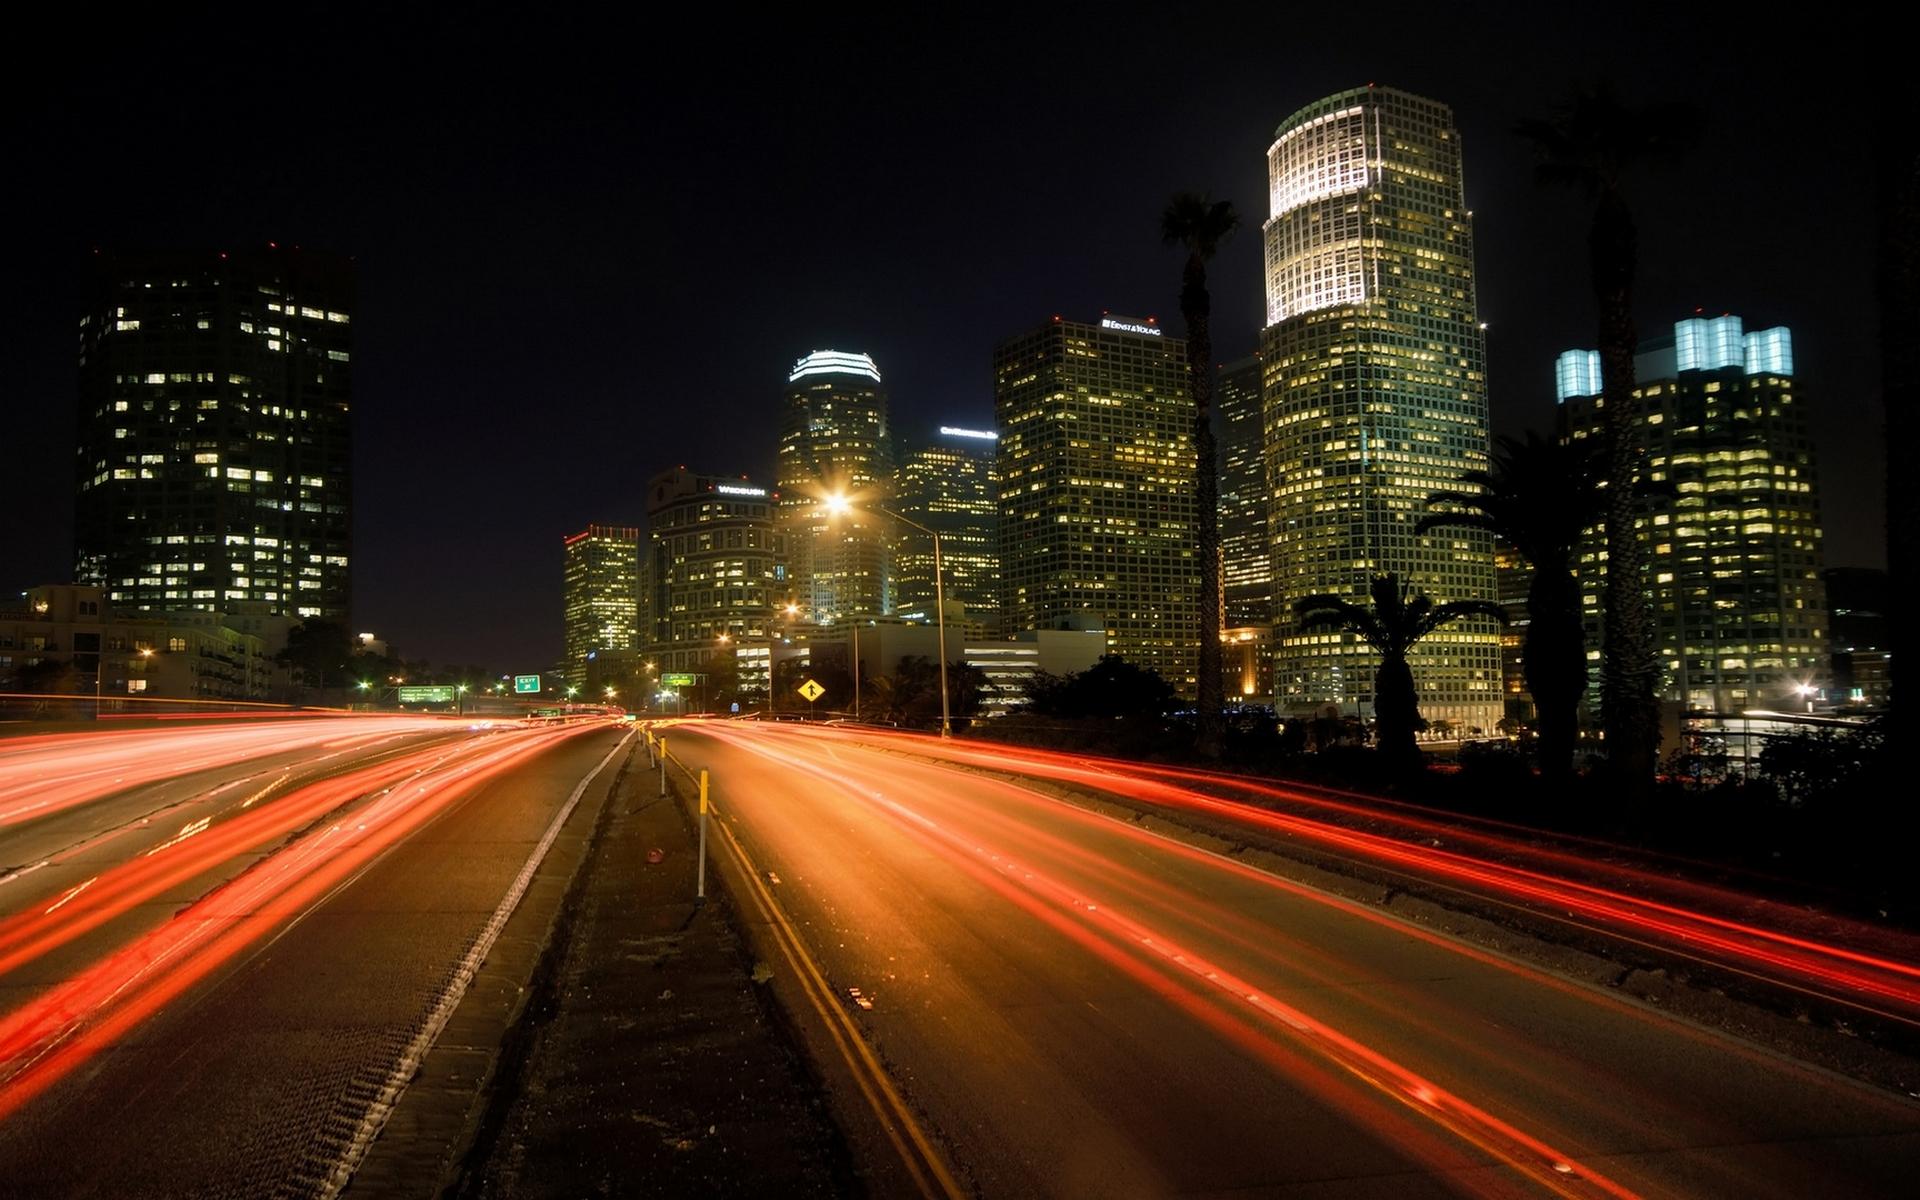 дорога развилка огни город вечер без смс